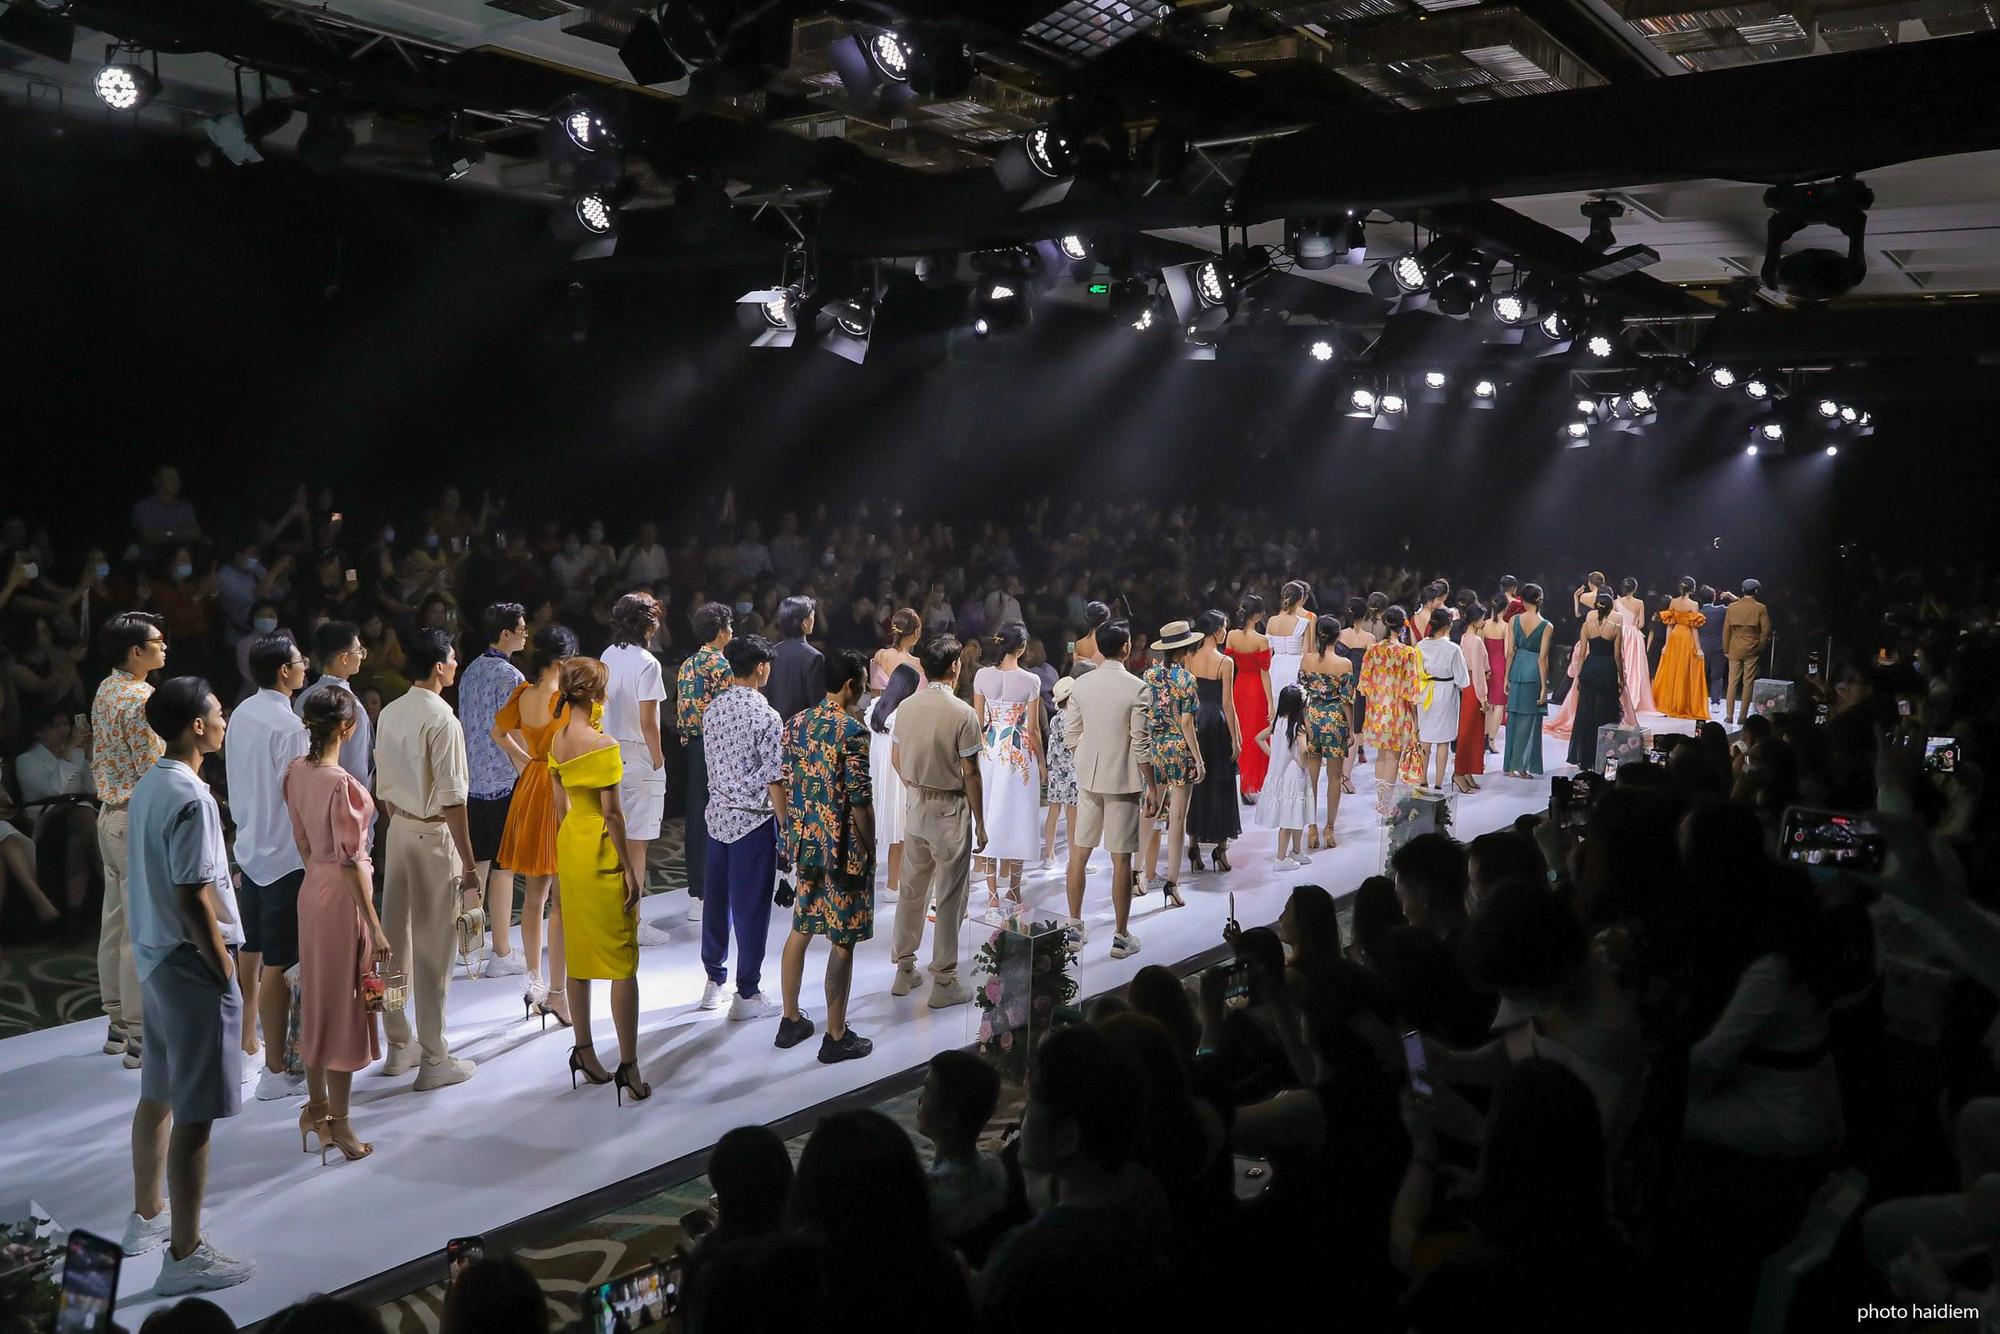 5 điểm nhấn đắt giá trong show diễn tràn đầy đam mê của IVY moda - Ảnh 3.